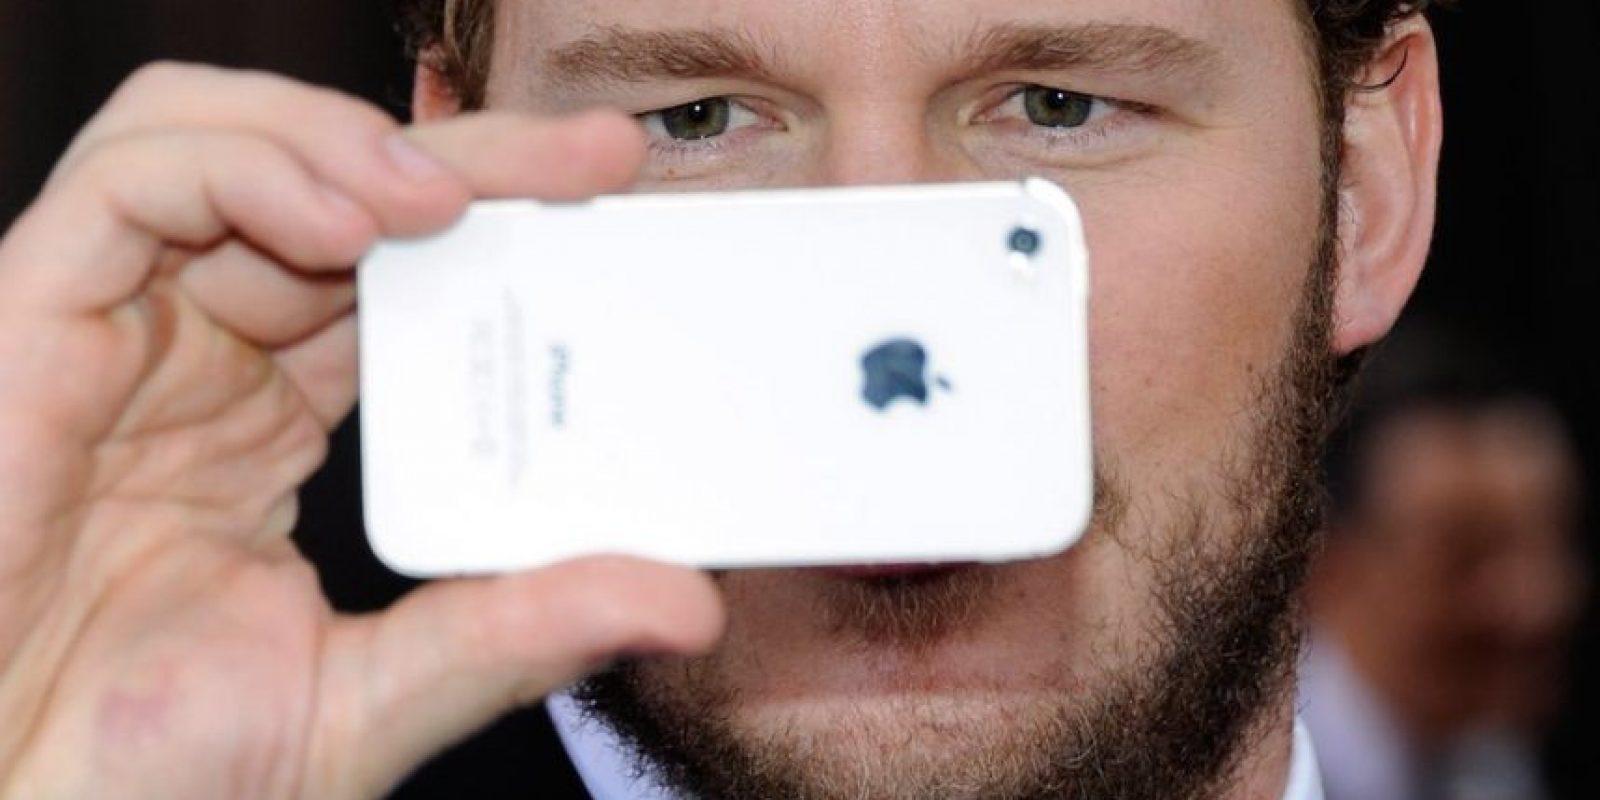 El smartphone es una cámara fotográfica móvil. Foto:Getty Images